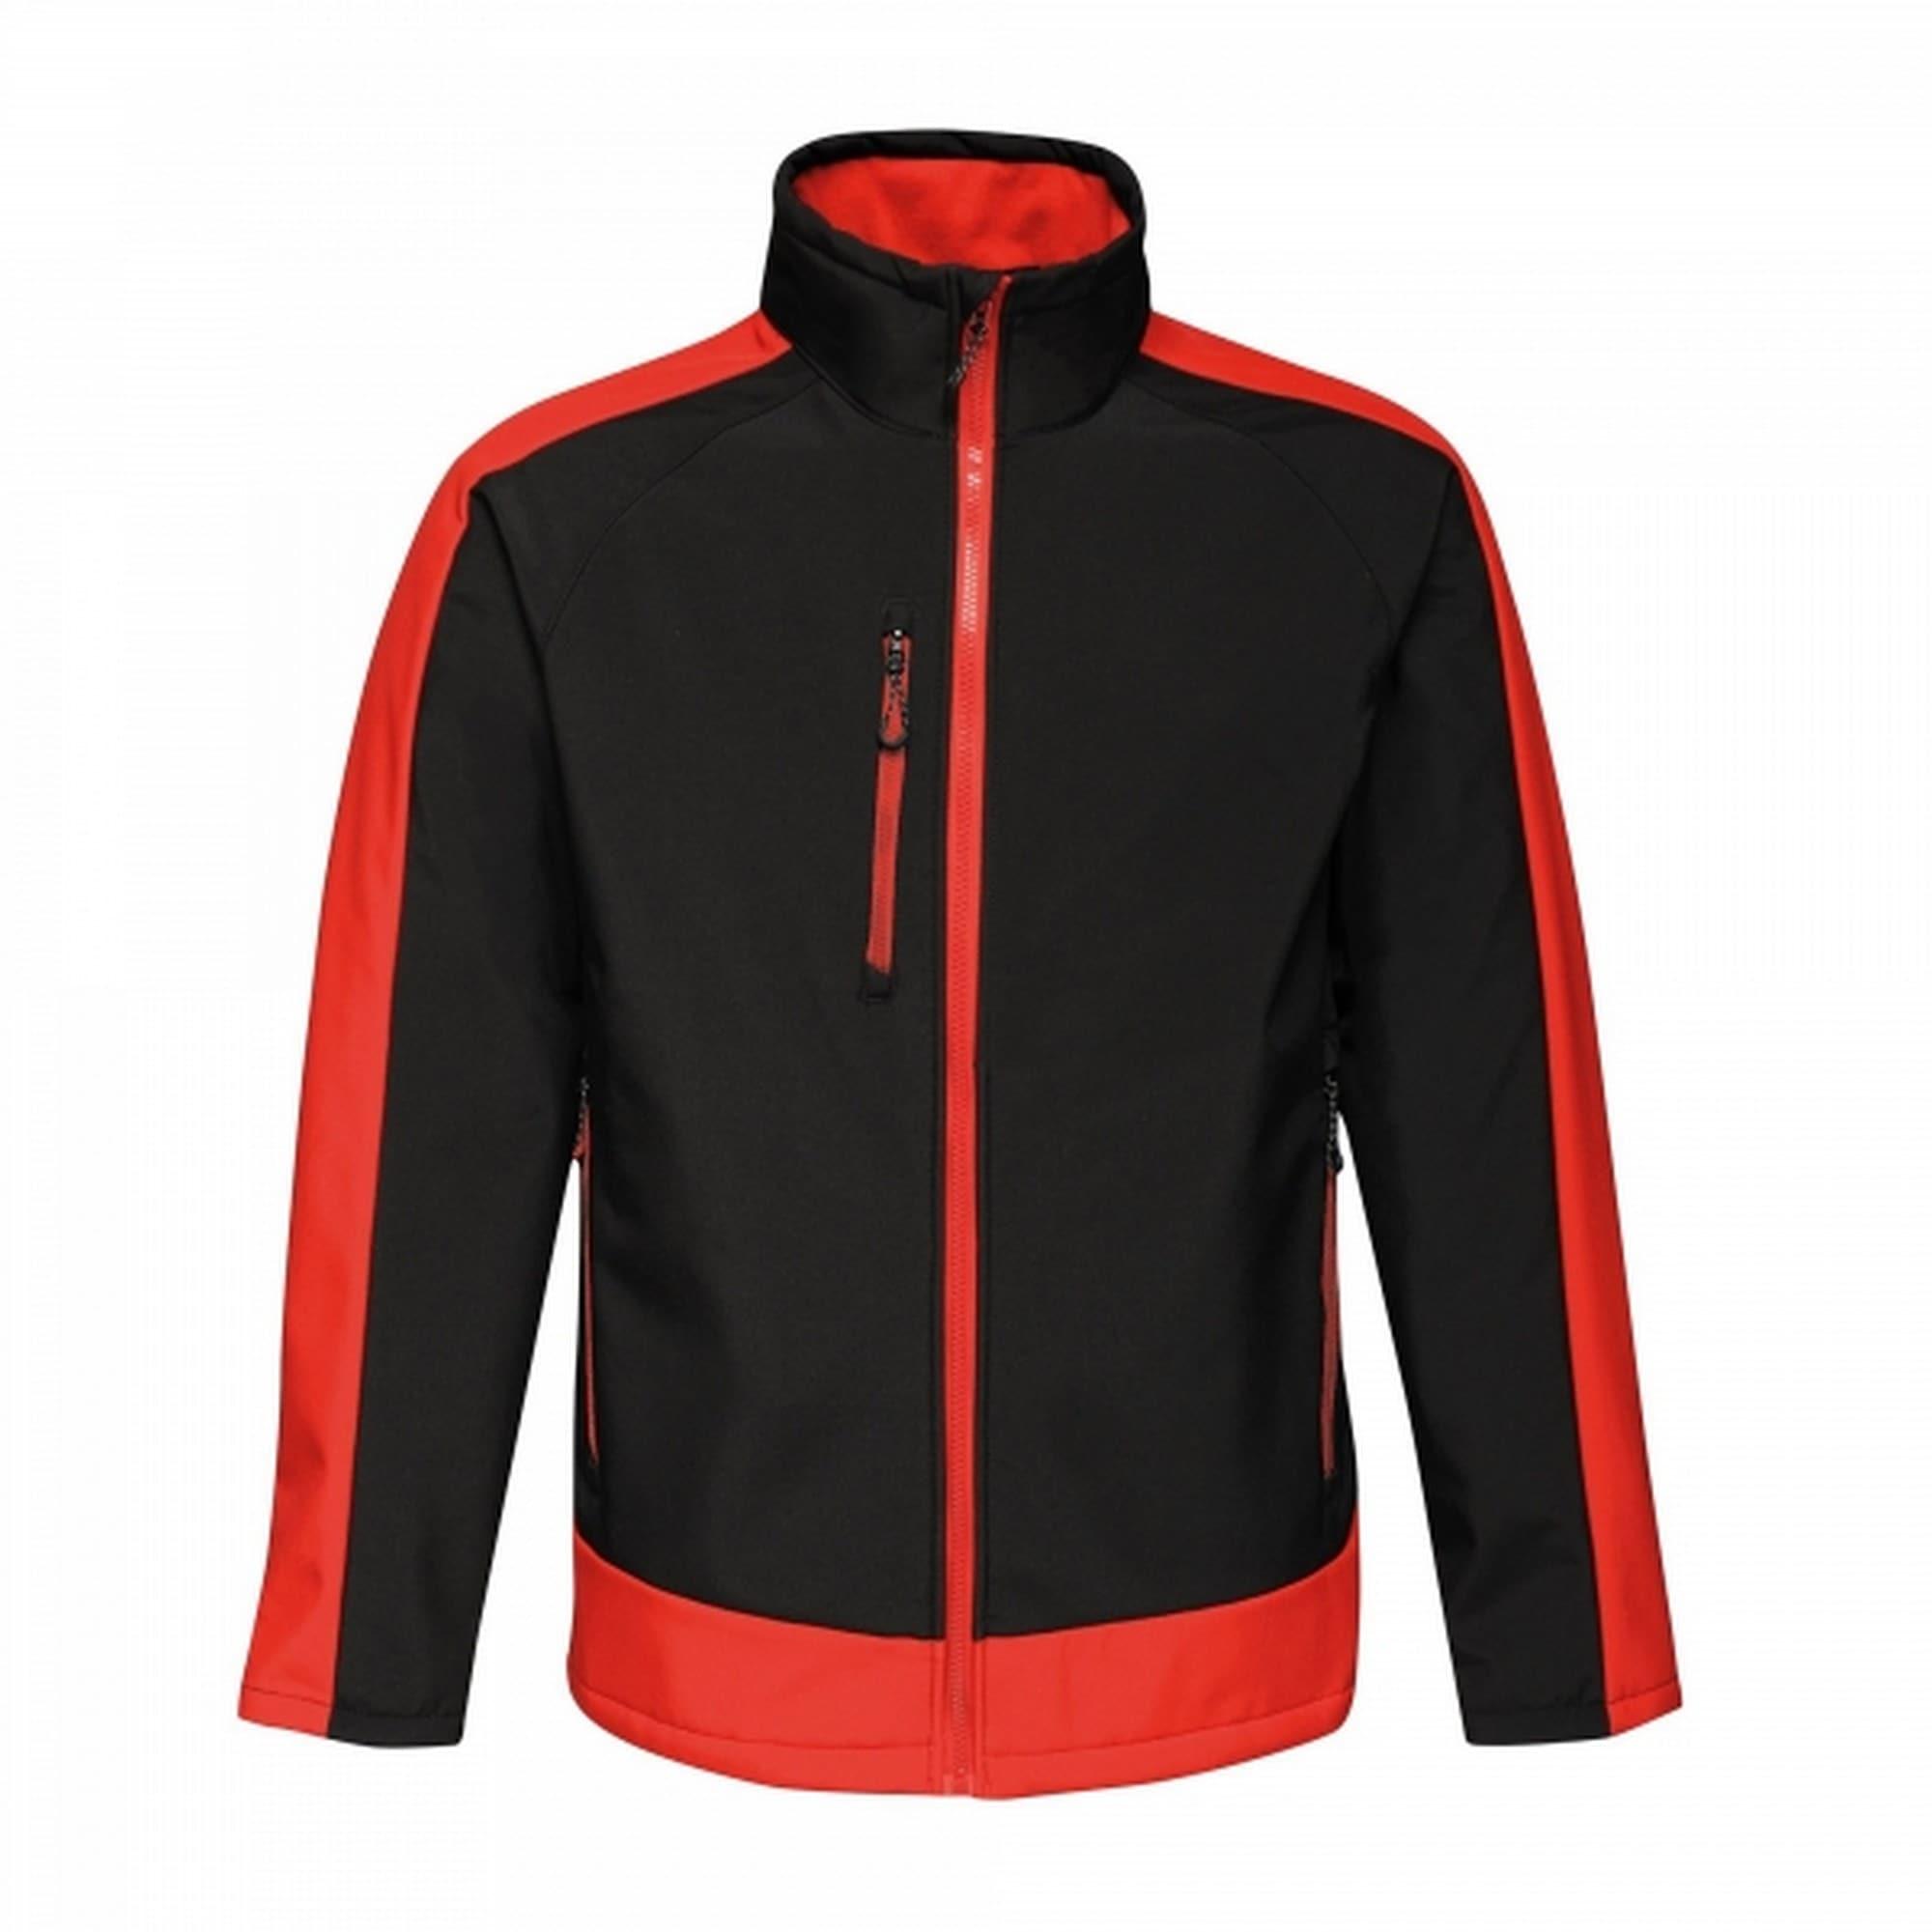 Regatta Softshelljacke Herren mit Kontrastdetails dreilagig | Sportbekleidung > Sportjacken > Softshelljacken | Schwarz | Regatta